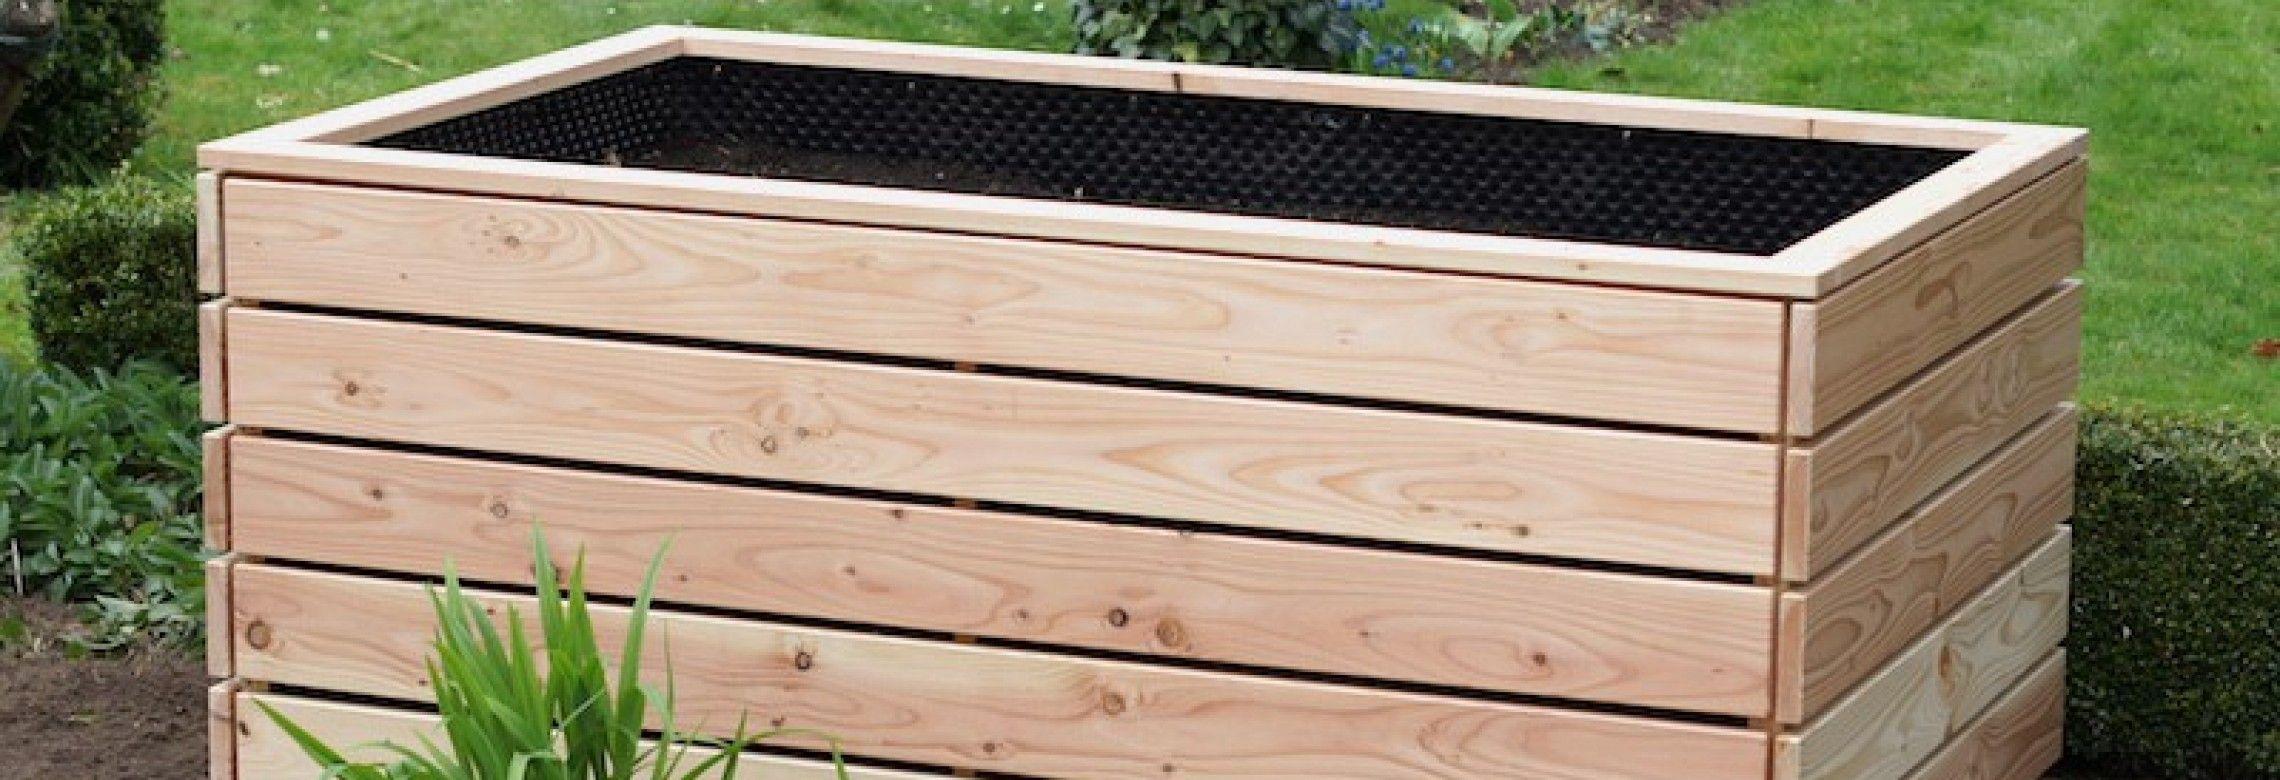 Hochbeet Pflanzkasten Pflanzkasten Holz